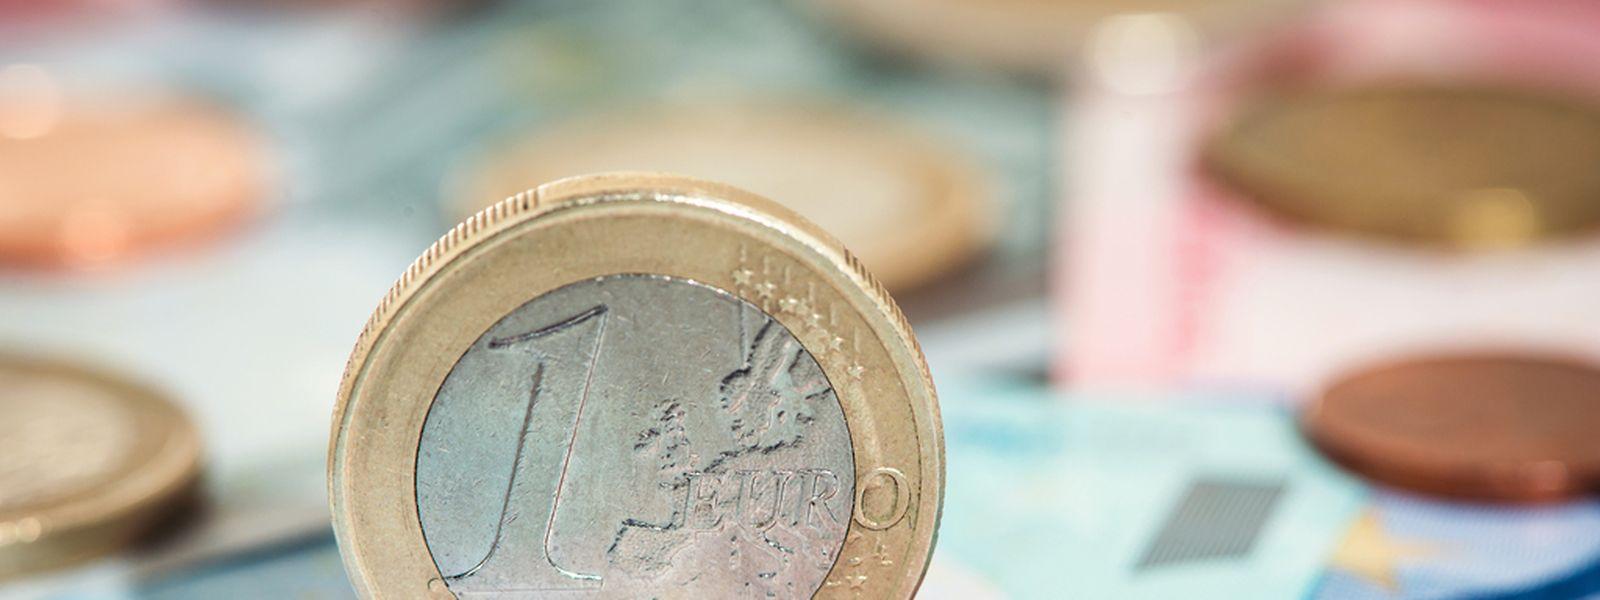 Aus Brüssel erwartet Luxemburg eine willkommene Finanzspritze für die eigenen Staatskassen.